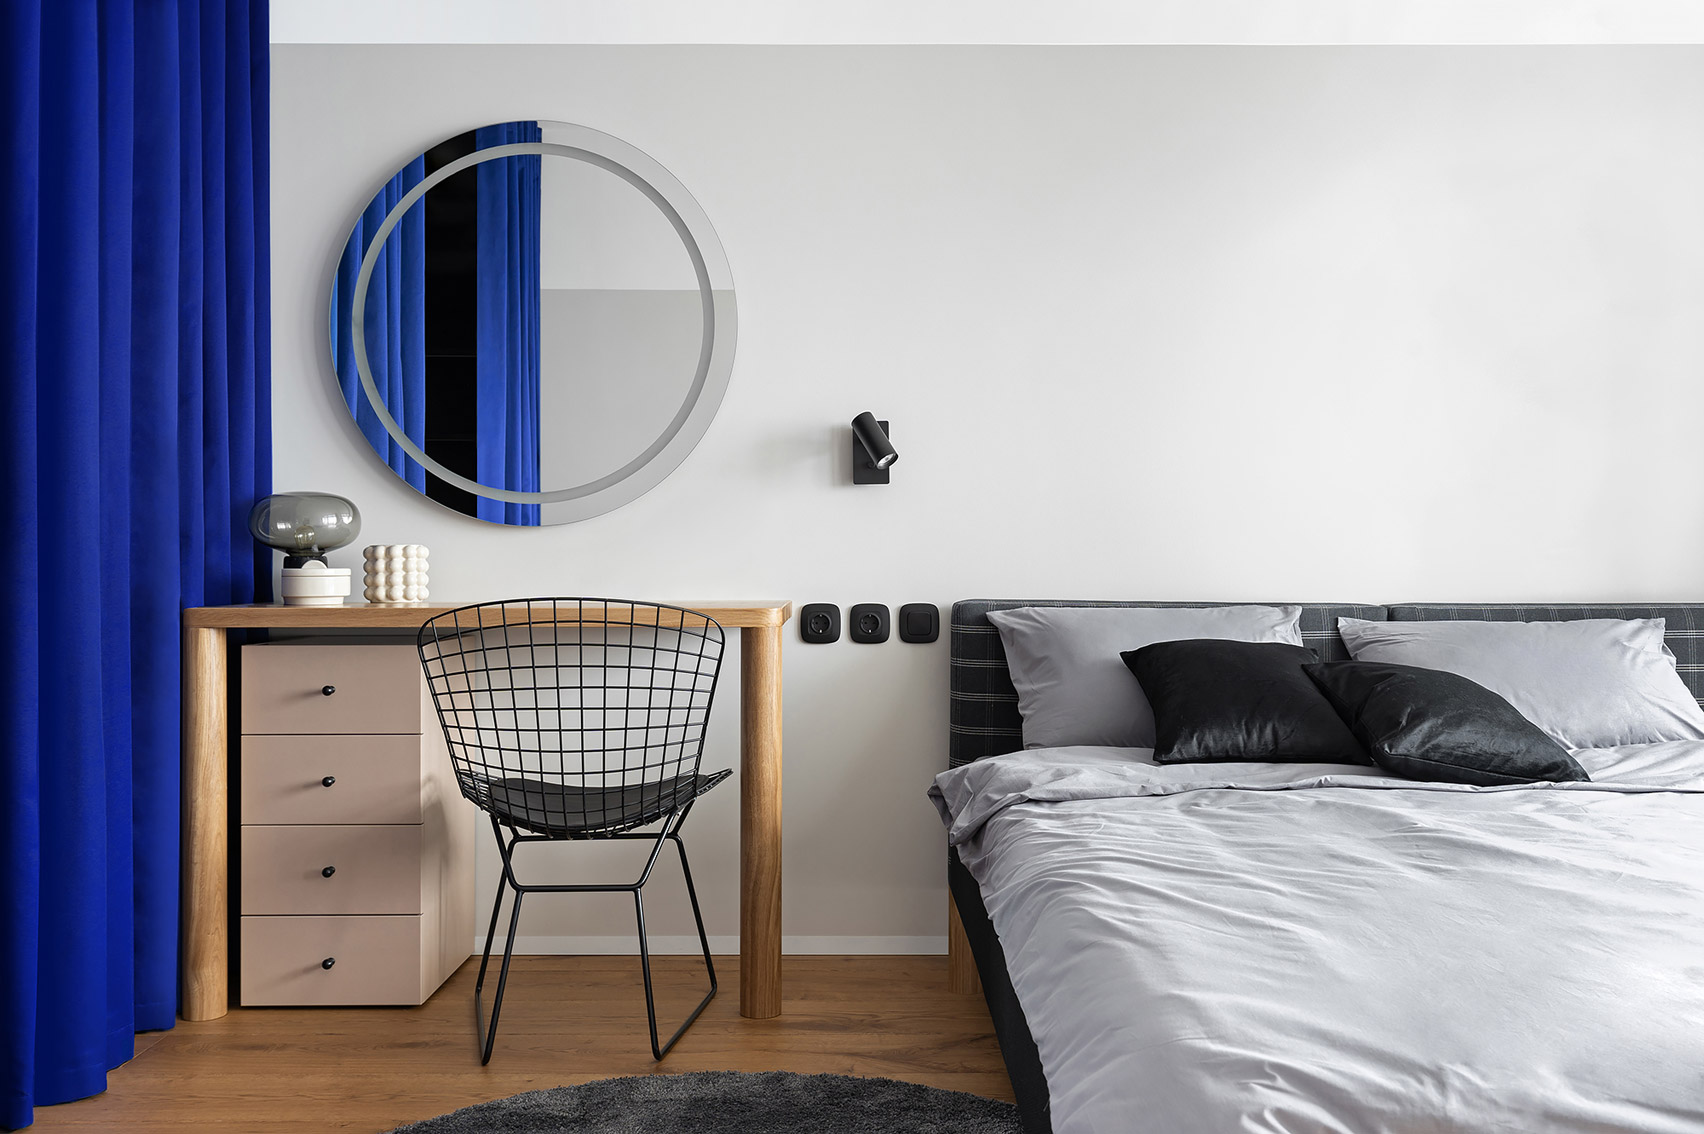 butas Egr-apartment-ater-architects-kyiv-ukraine-architecture_dezeen_1704_col_19